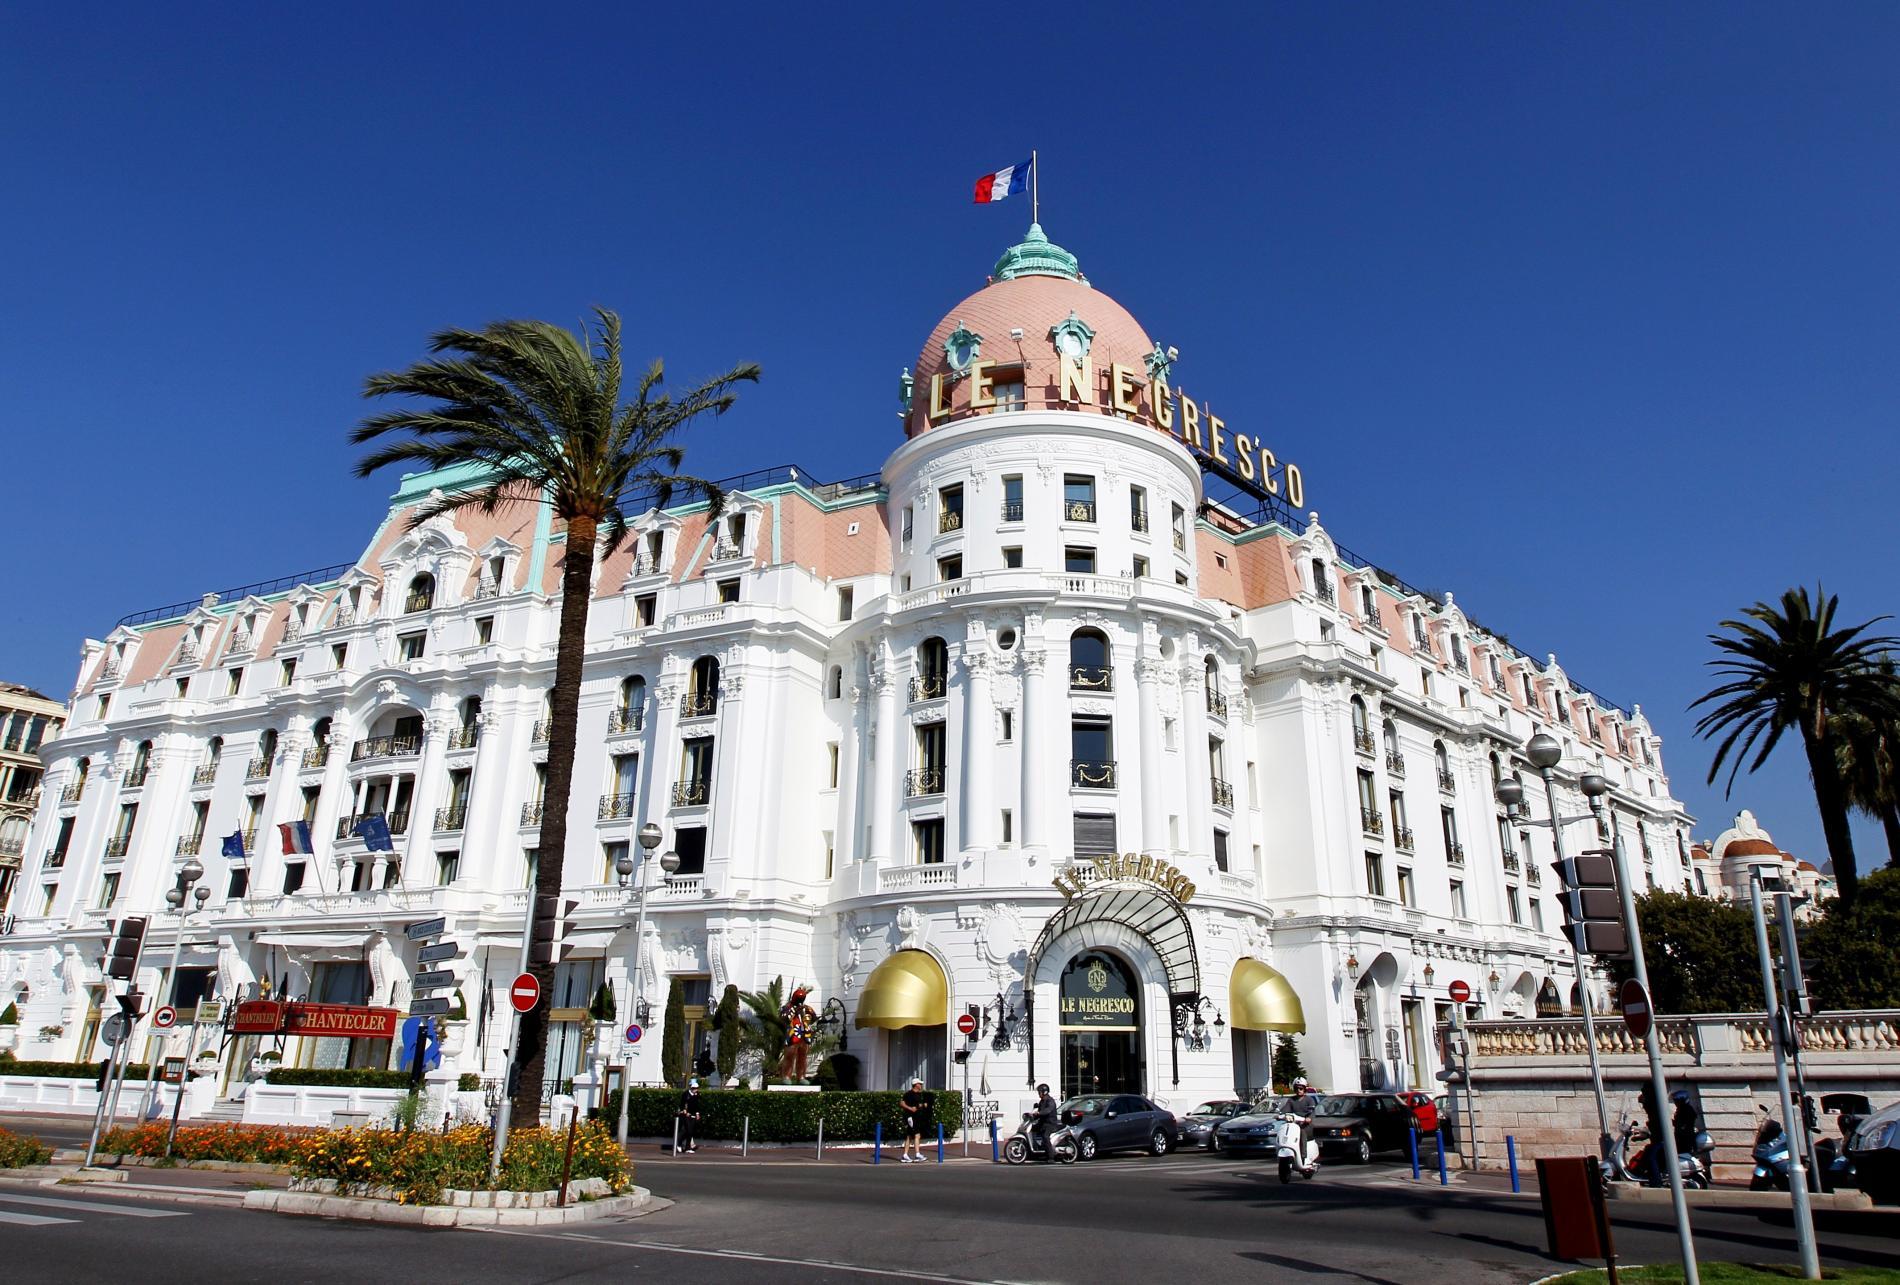 stiati_ca_hotel_negresco